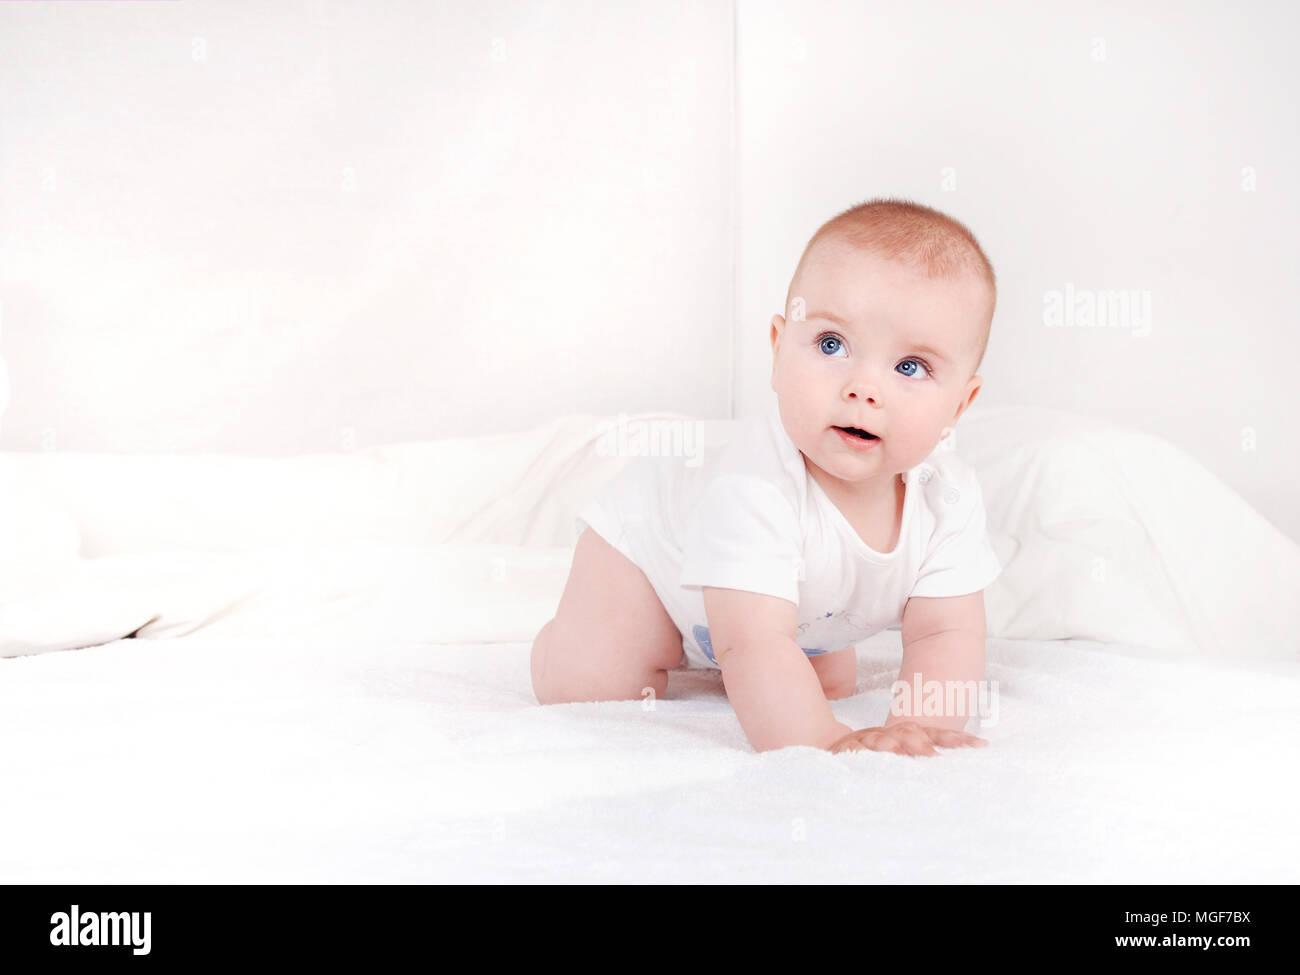 Ritratto di dolce neonato crawlng sul letto bianco grave alla ricerca di distanza. Sorridenti bambino con gli occhi blu su bianco sullo sfondo del letto Foto Stock